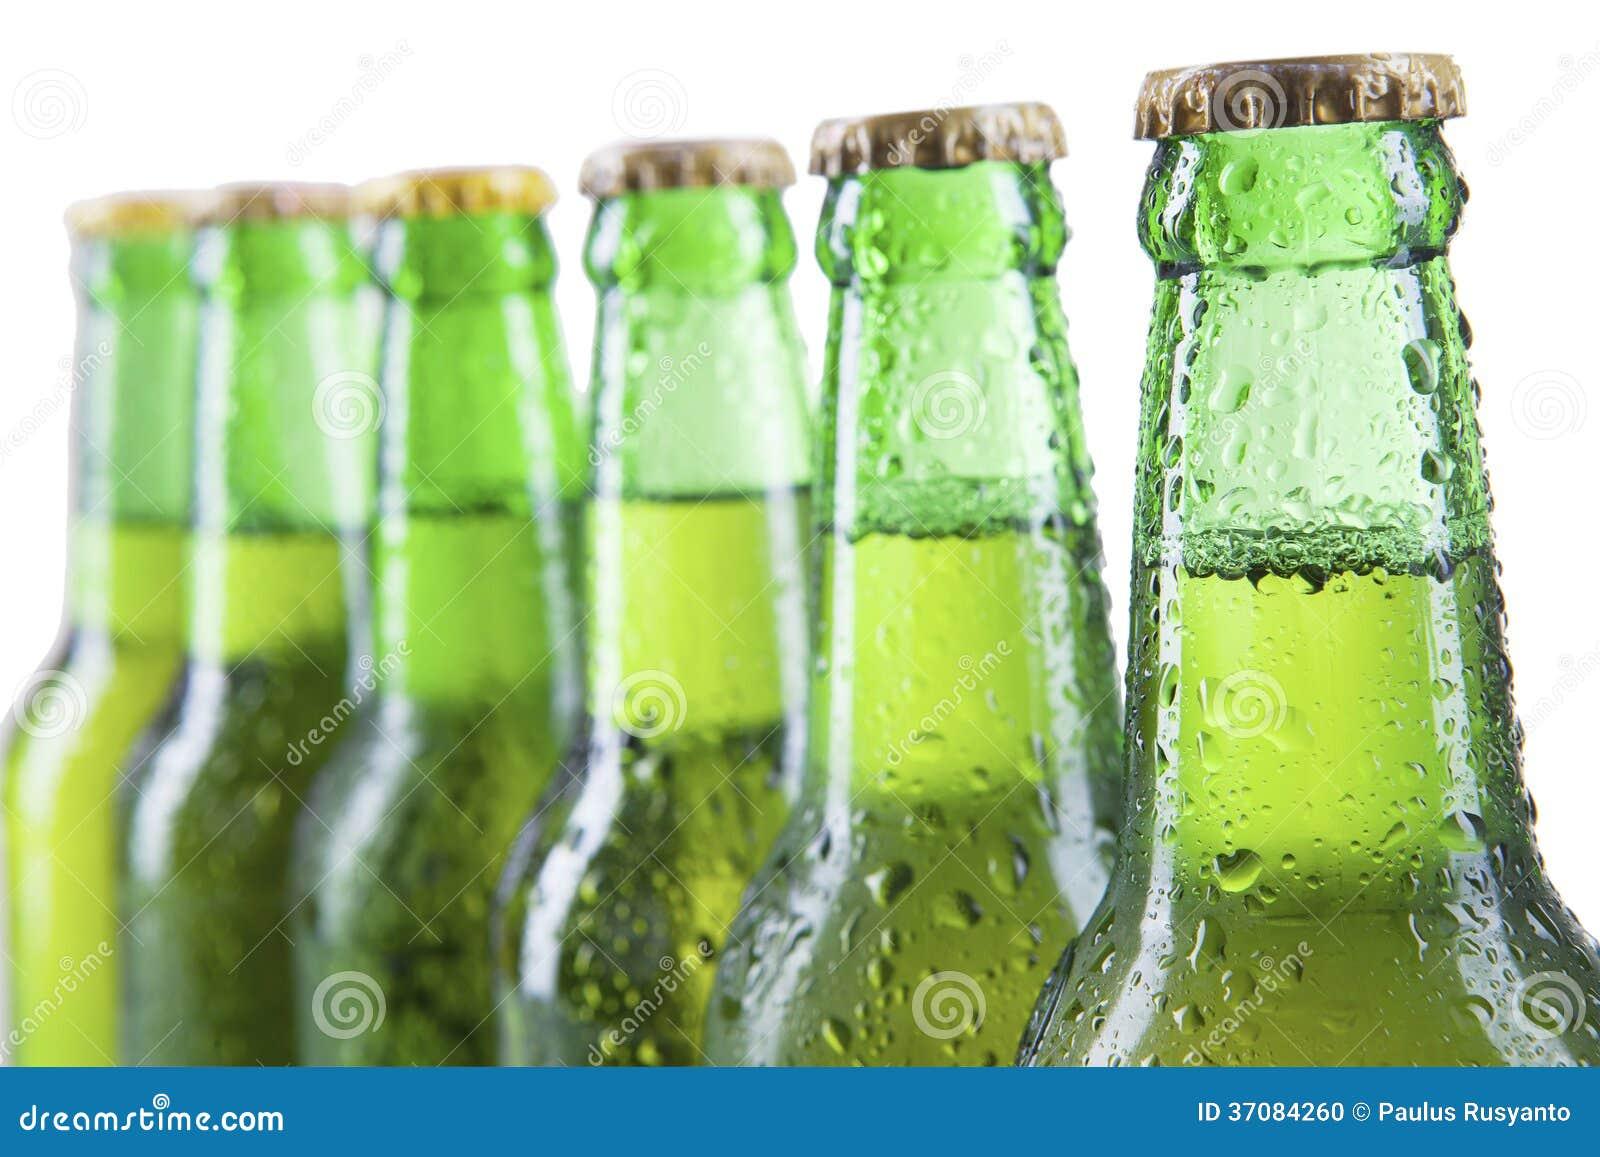 Download Zbliżenie piwne butelki zdjęcie stock. Obraz złożonej z chłodno - 37084260